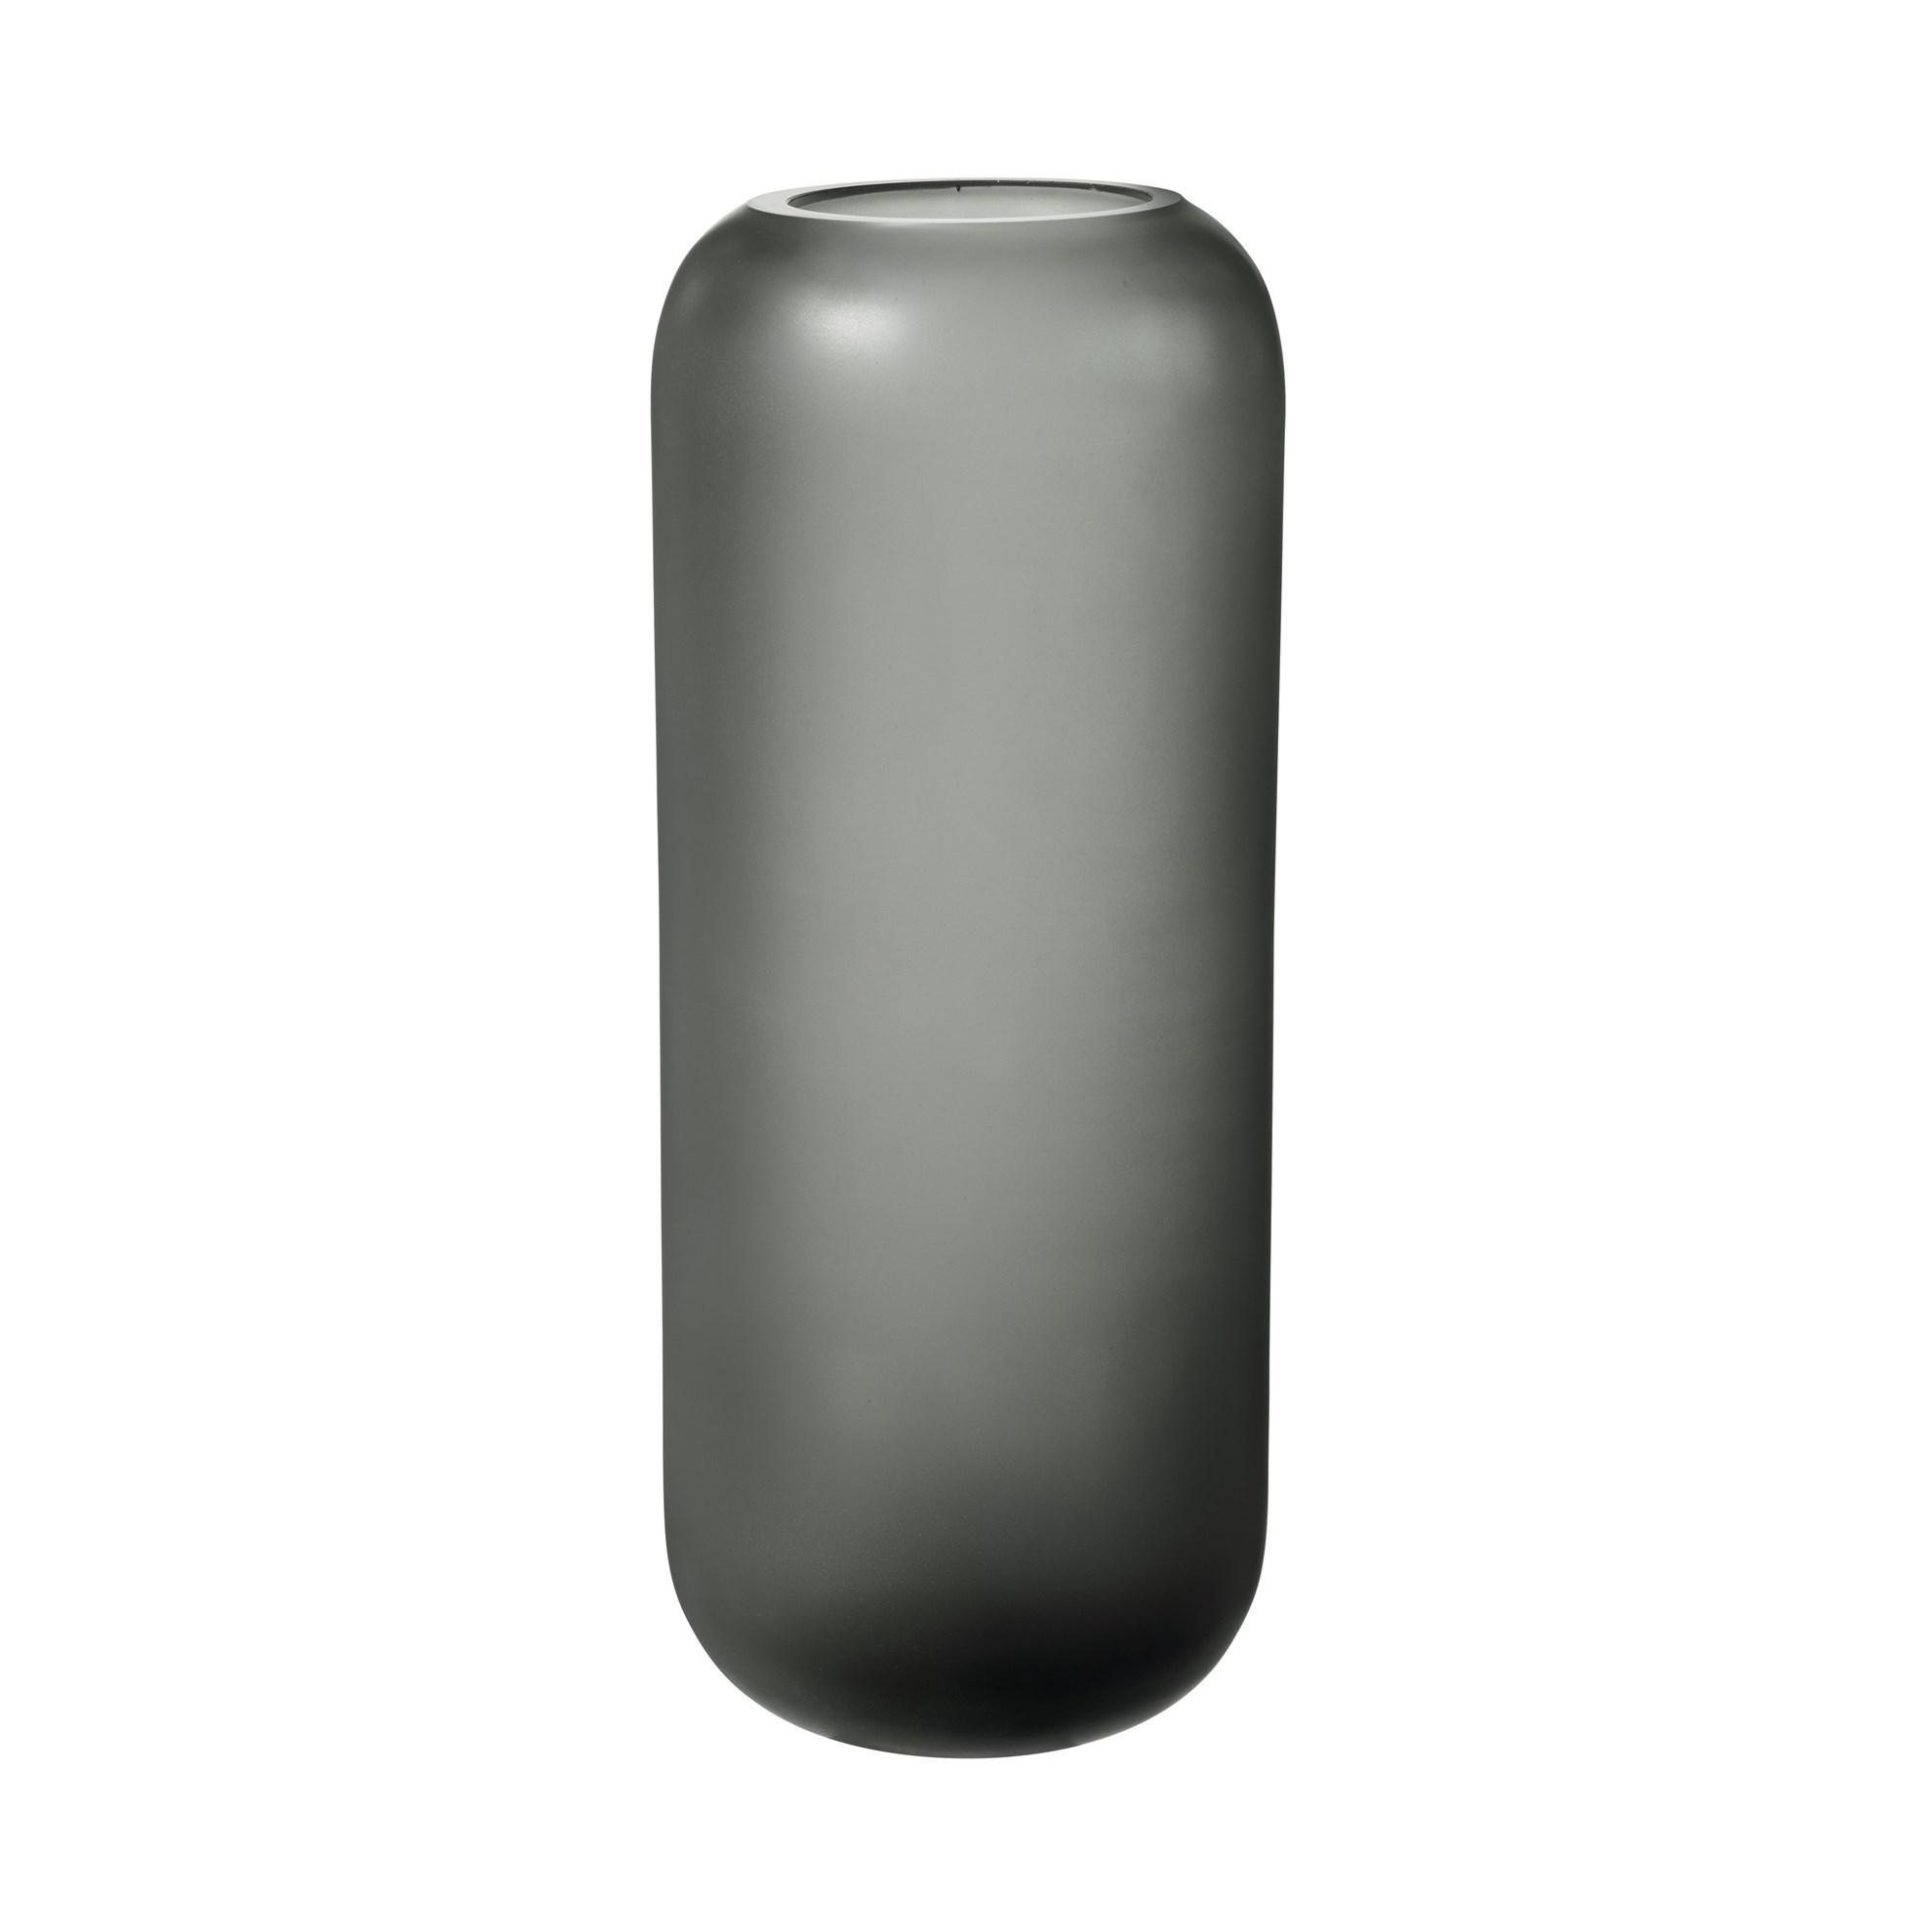 Skleněná váza OVALO 30 cm šedá mat_0